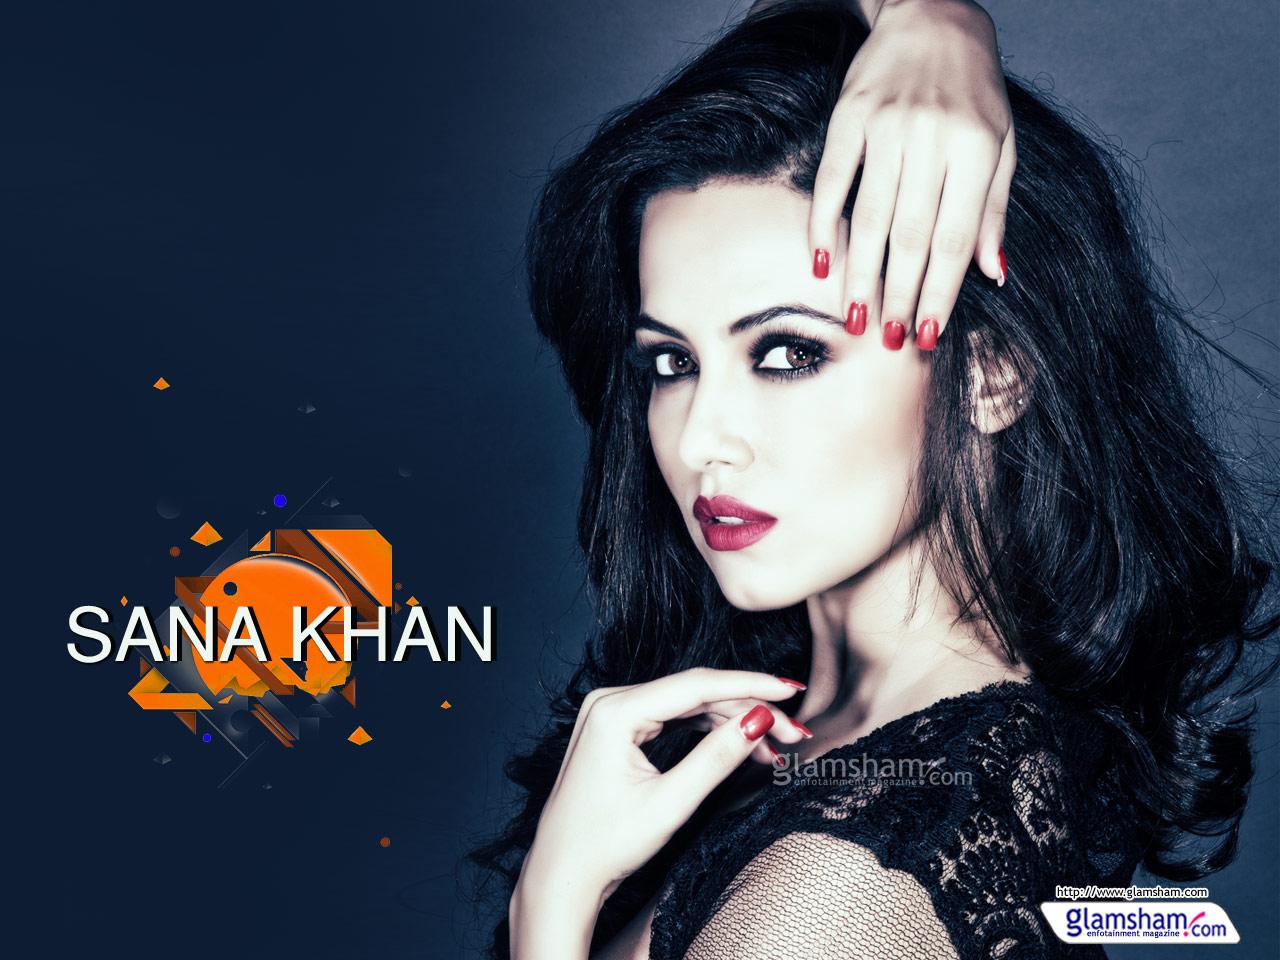 Sana Khan high resolution image 121721 Glamsham 1280x960